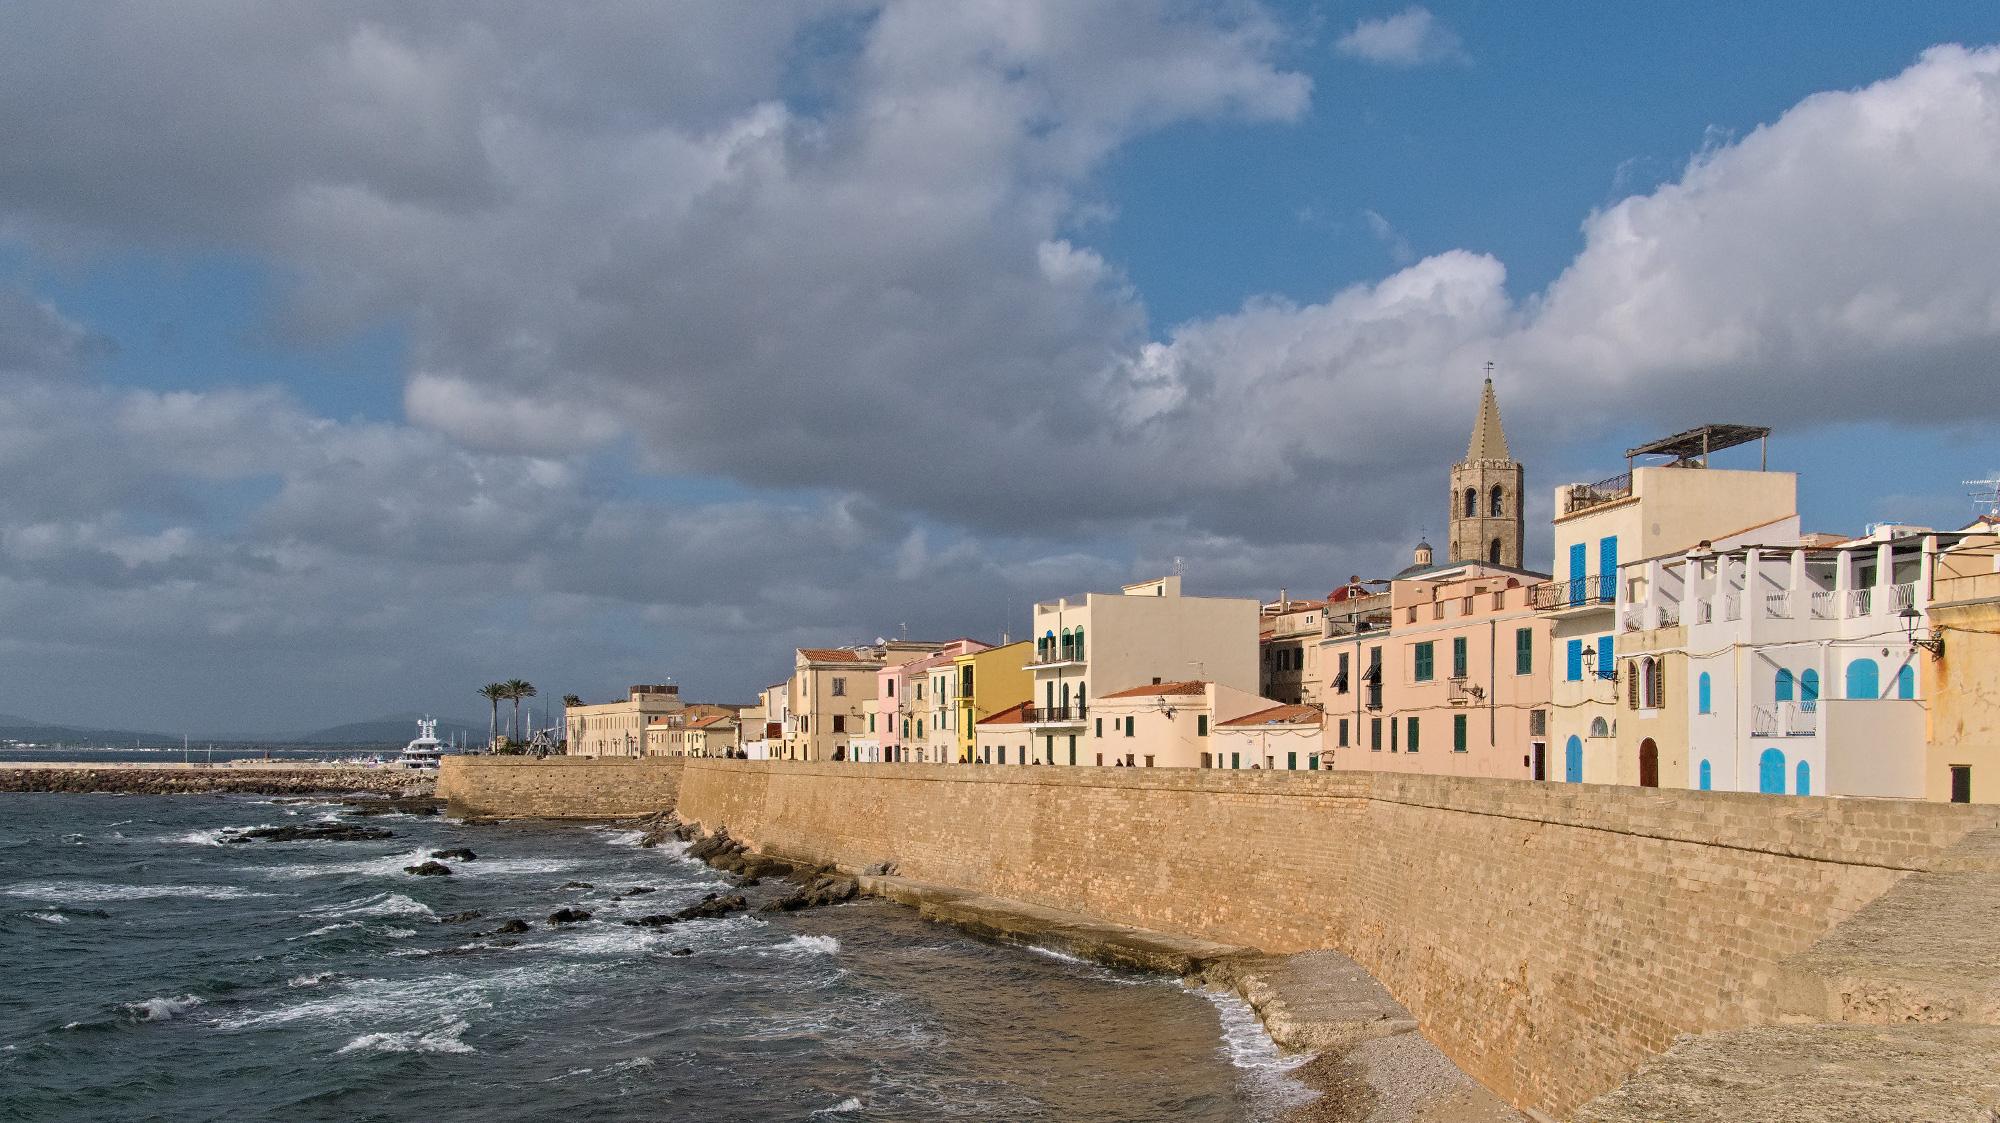 Entlnag der schwer befestigten Hafenmauer von Alghero